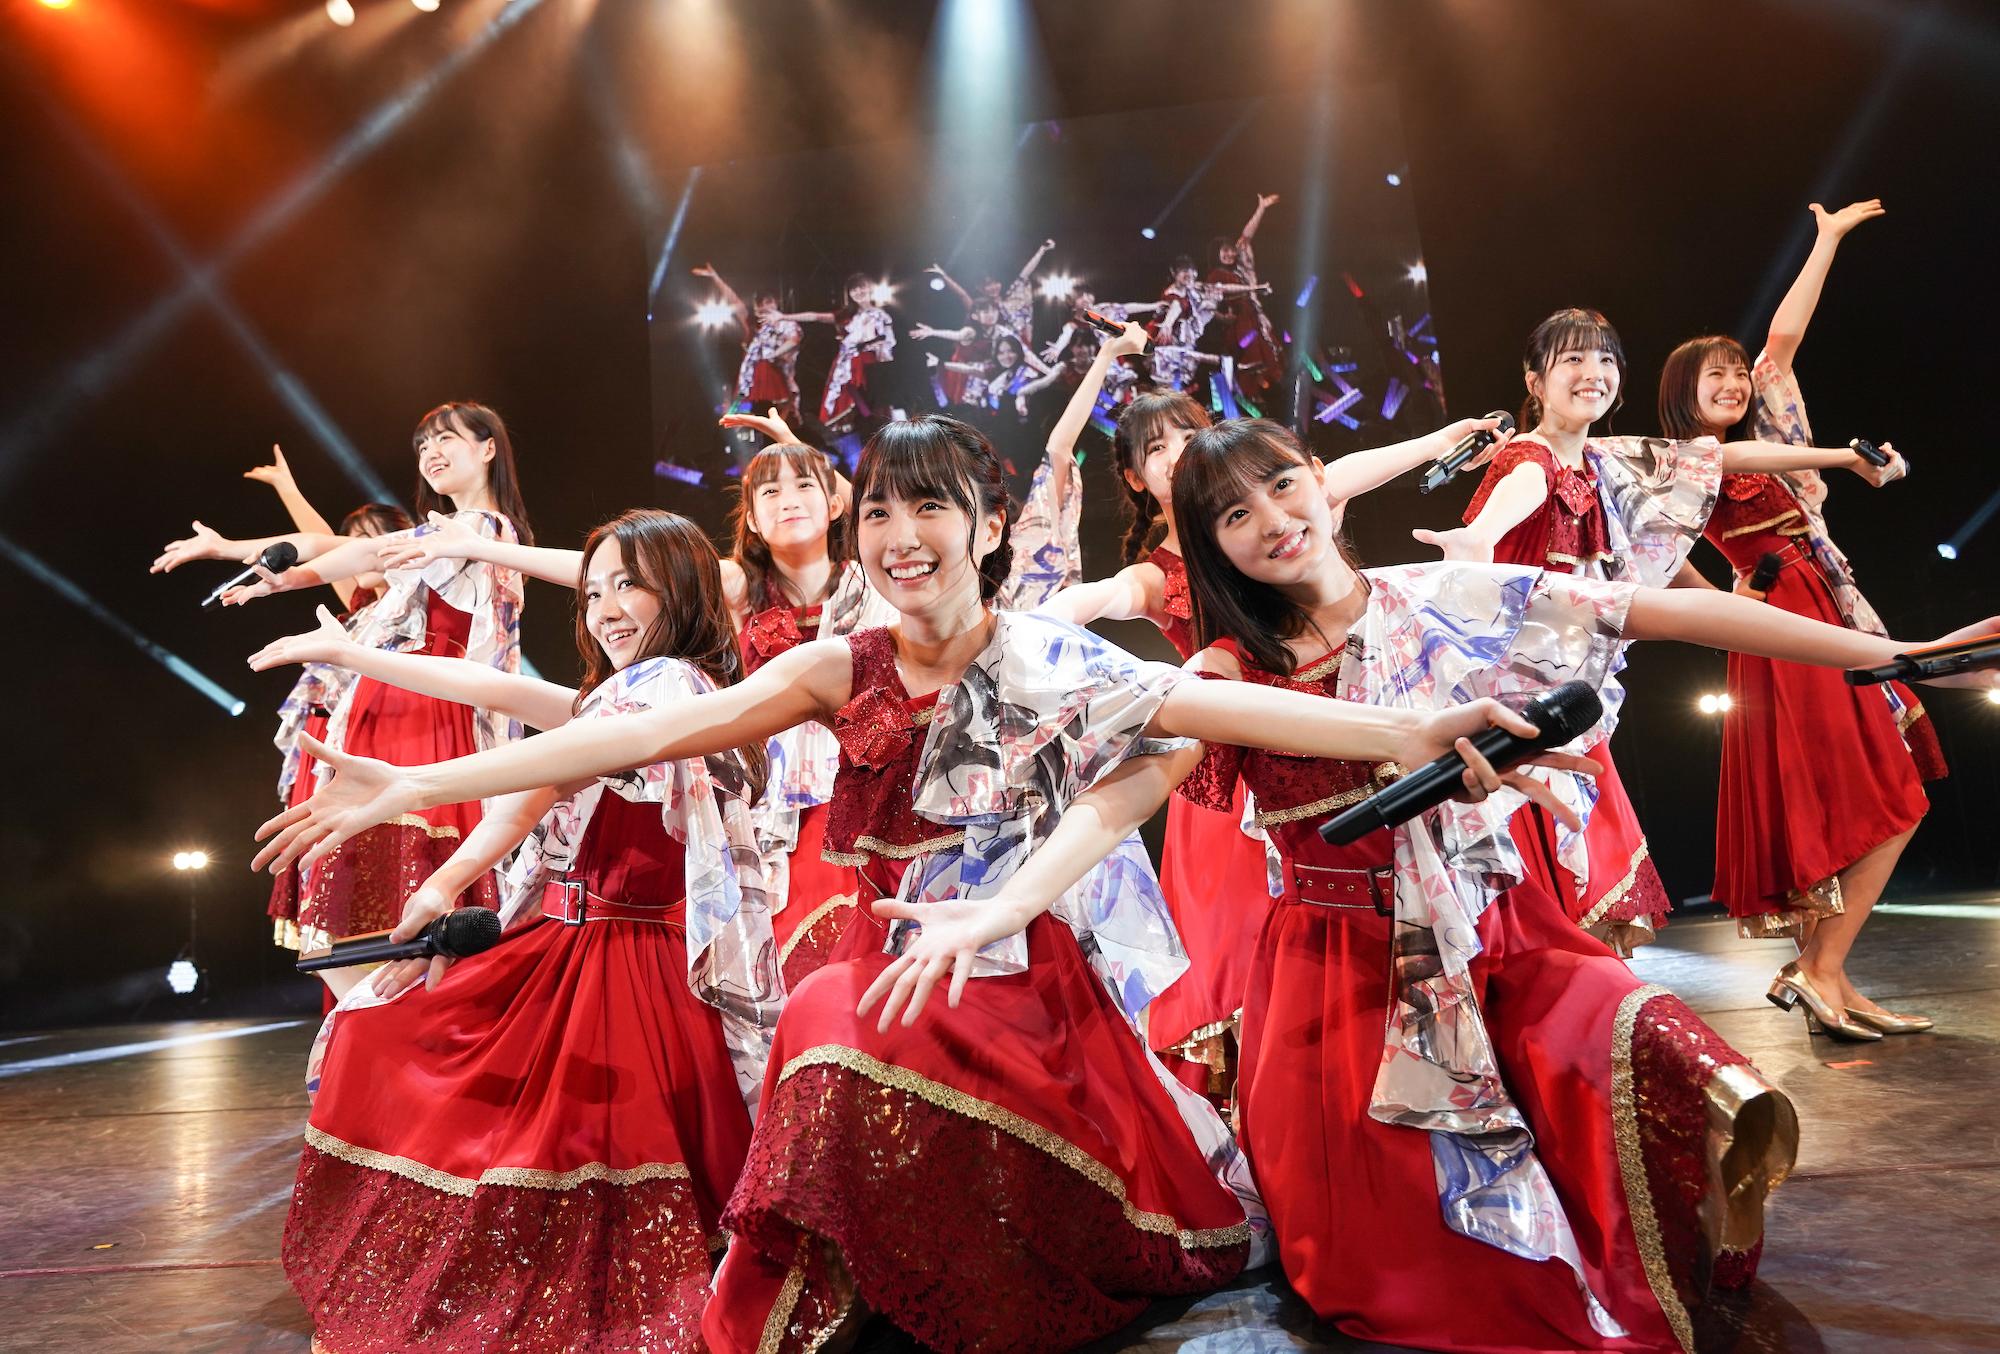 乃木坂46・4期生(2019年11月16日、「AGESTOCK2019 in TOKYO DOME CITY HALL」ライブにて)